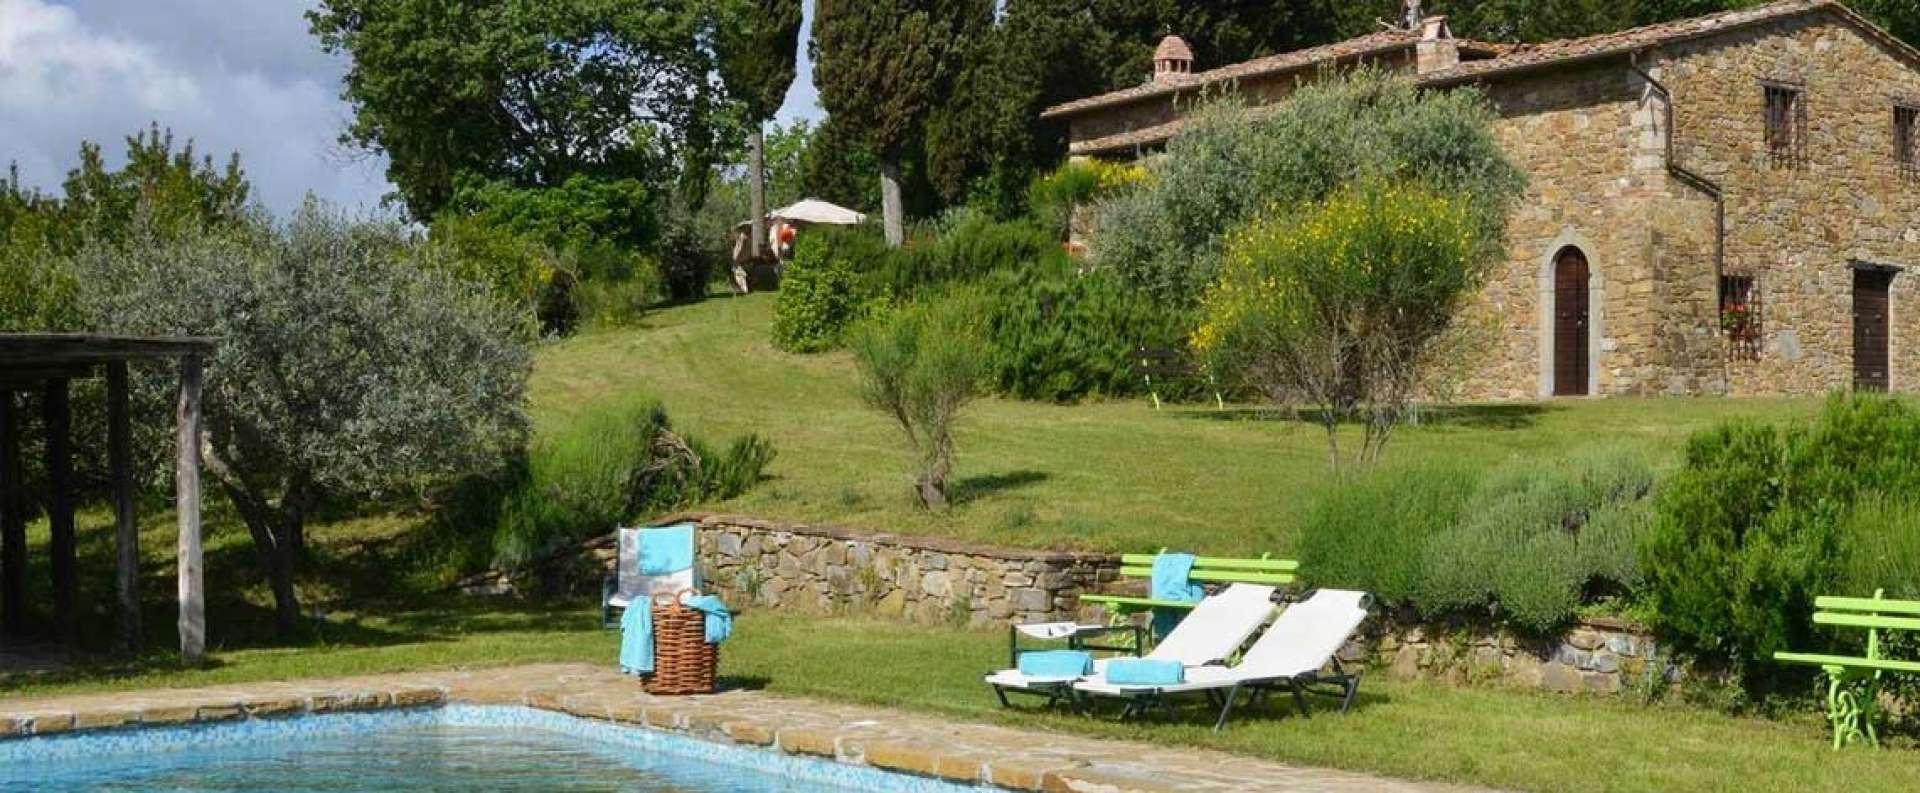 Villa Cignano